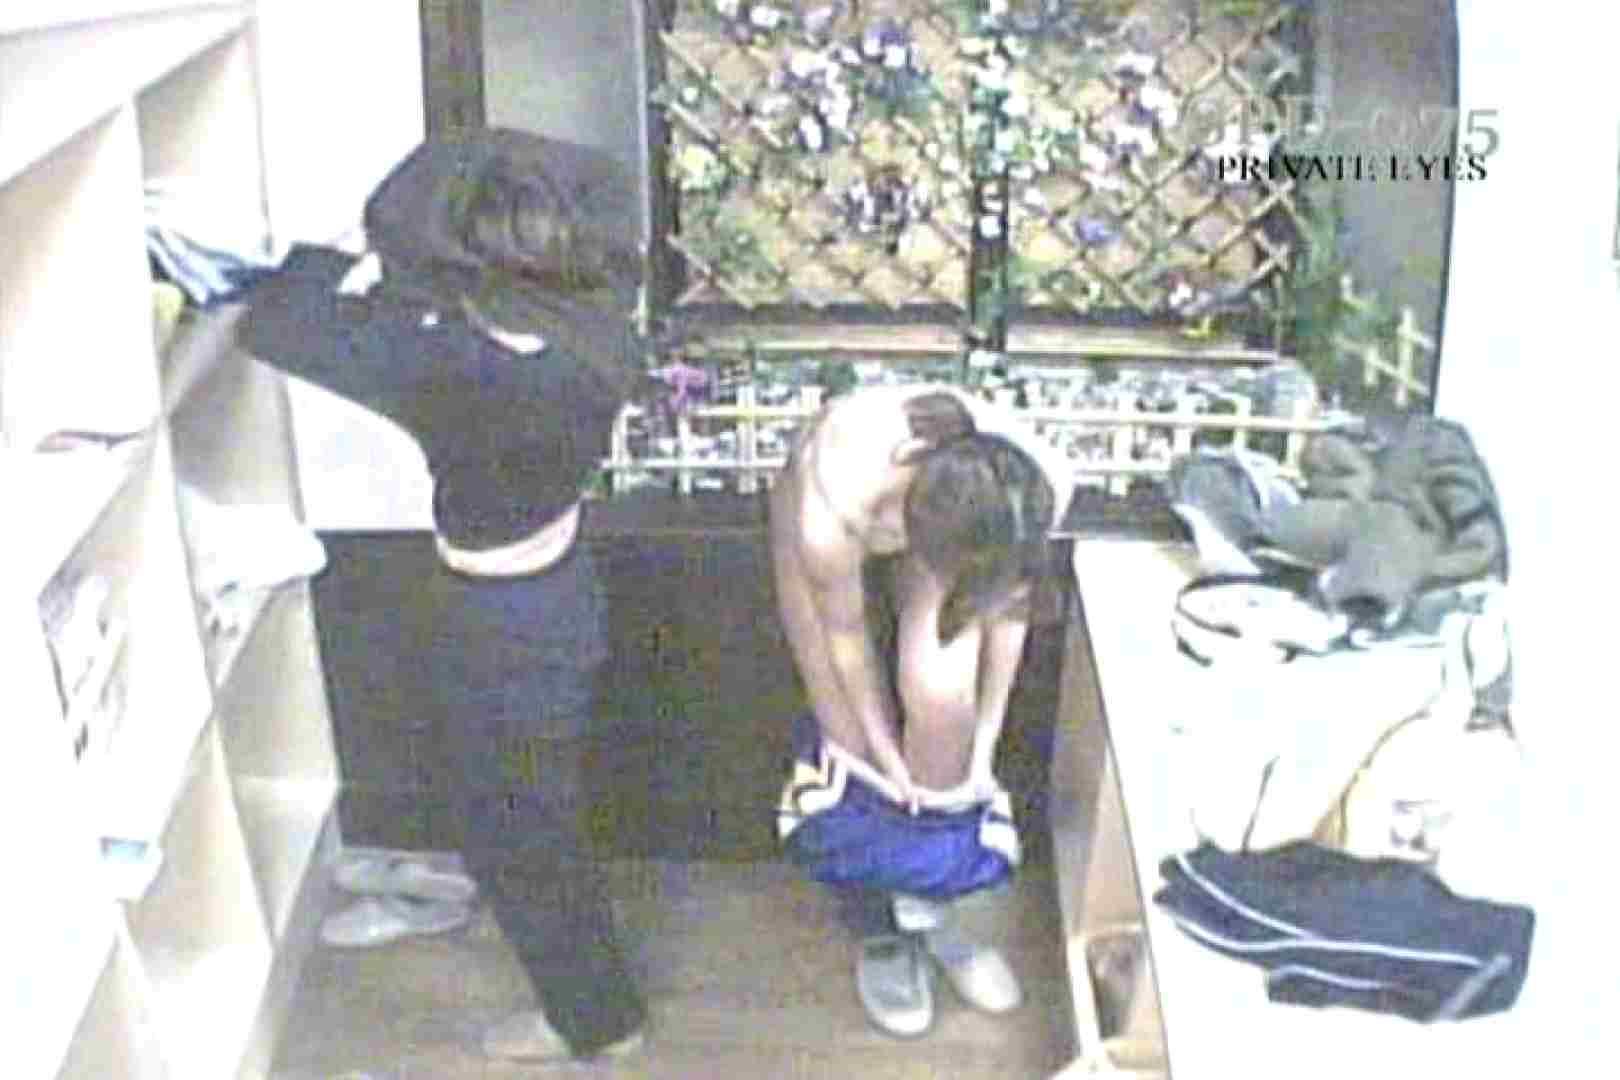 高画質版!SPD-075 脱衣所から洗面所まで 9カメ追跡盗撮 高画質 えろ無修正画像 110枚 109